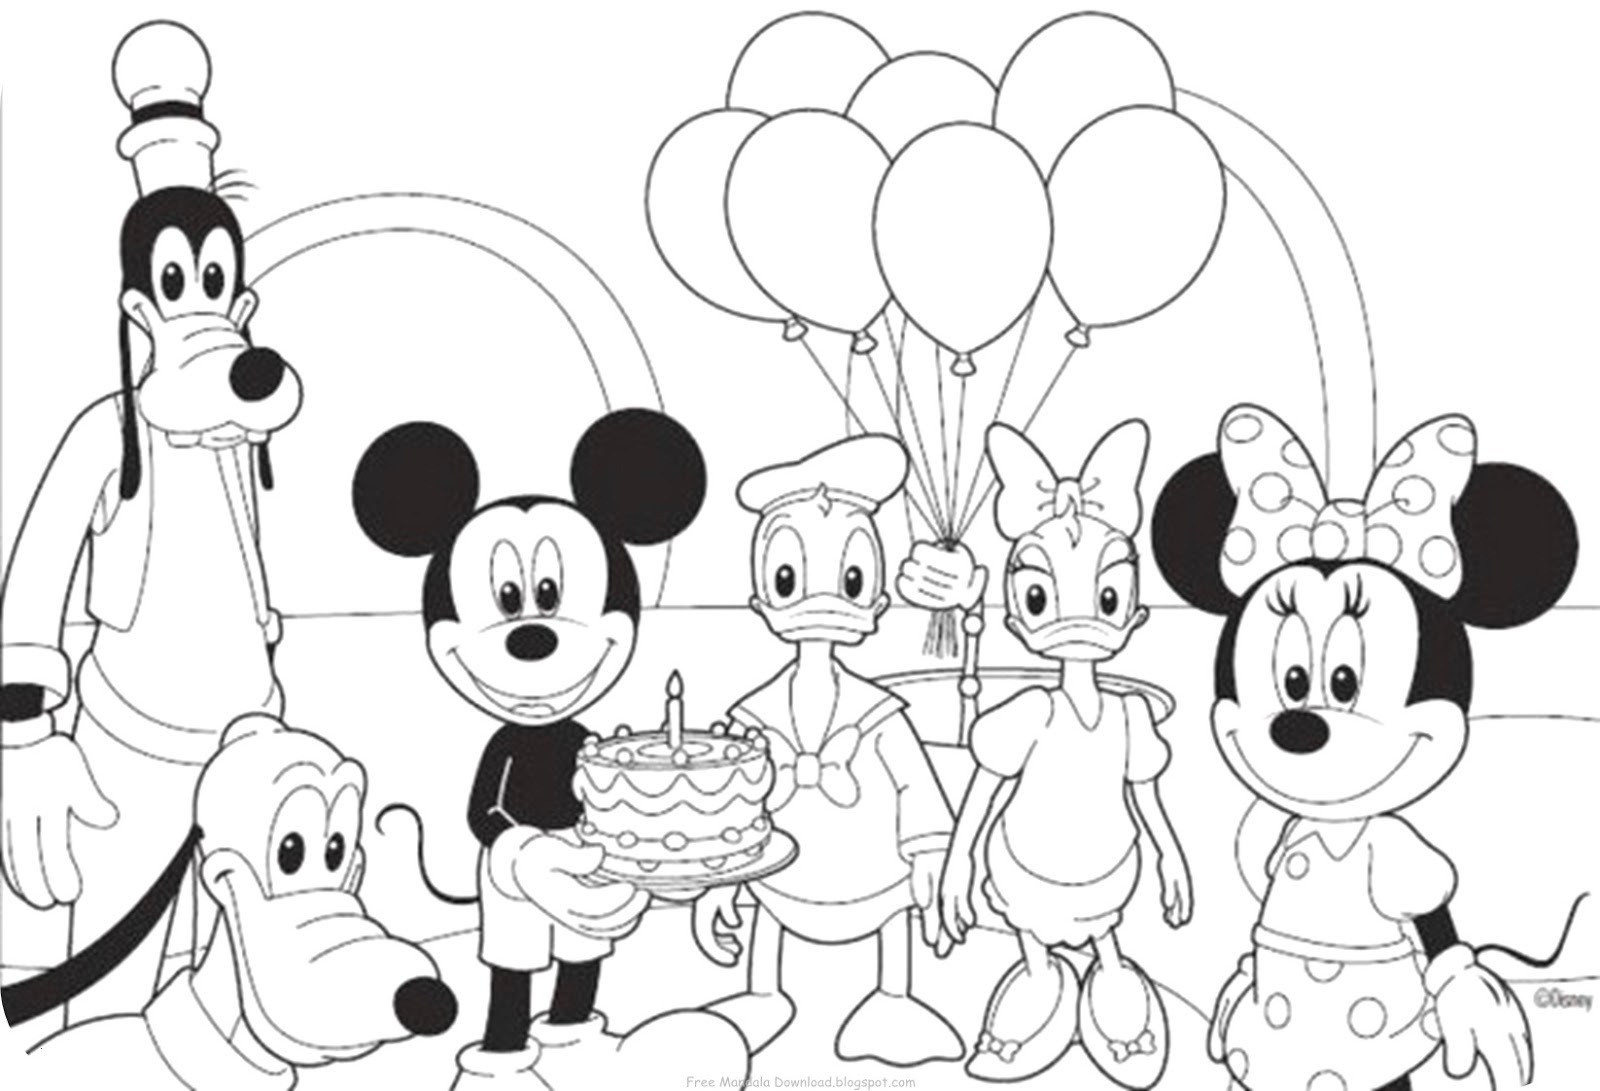 Ausmalbilder Mickey Mouse Einzigartig 40 Frisch Mickey Mouse Ausmalbilder Beste Malvorlage Galerie